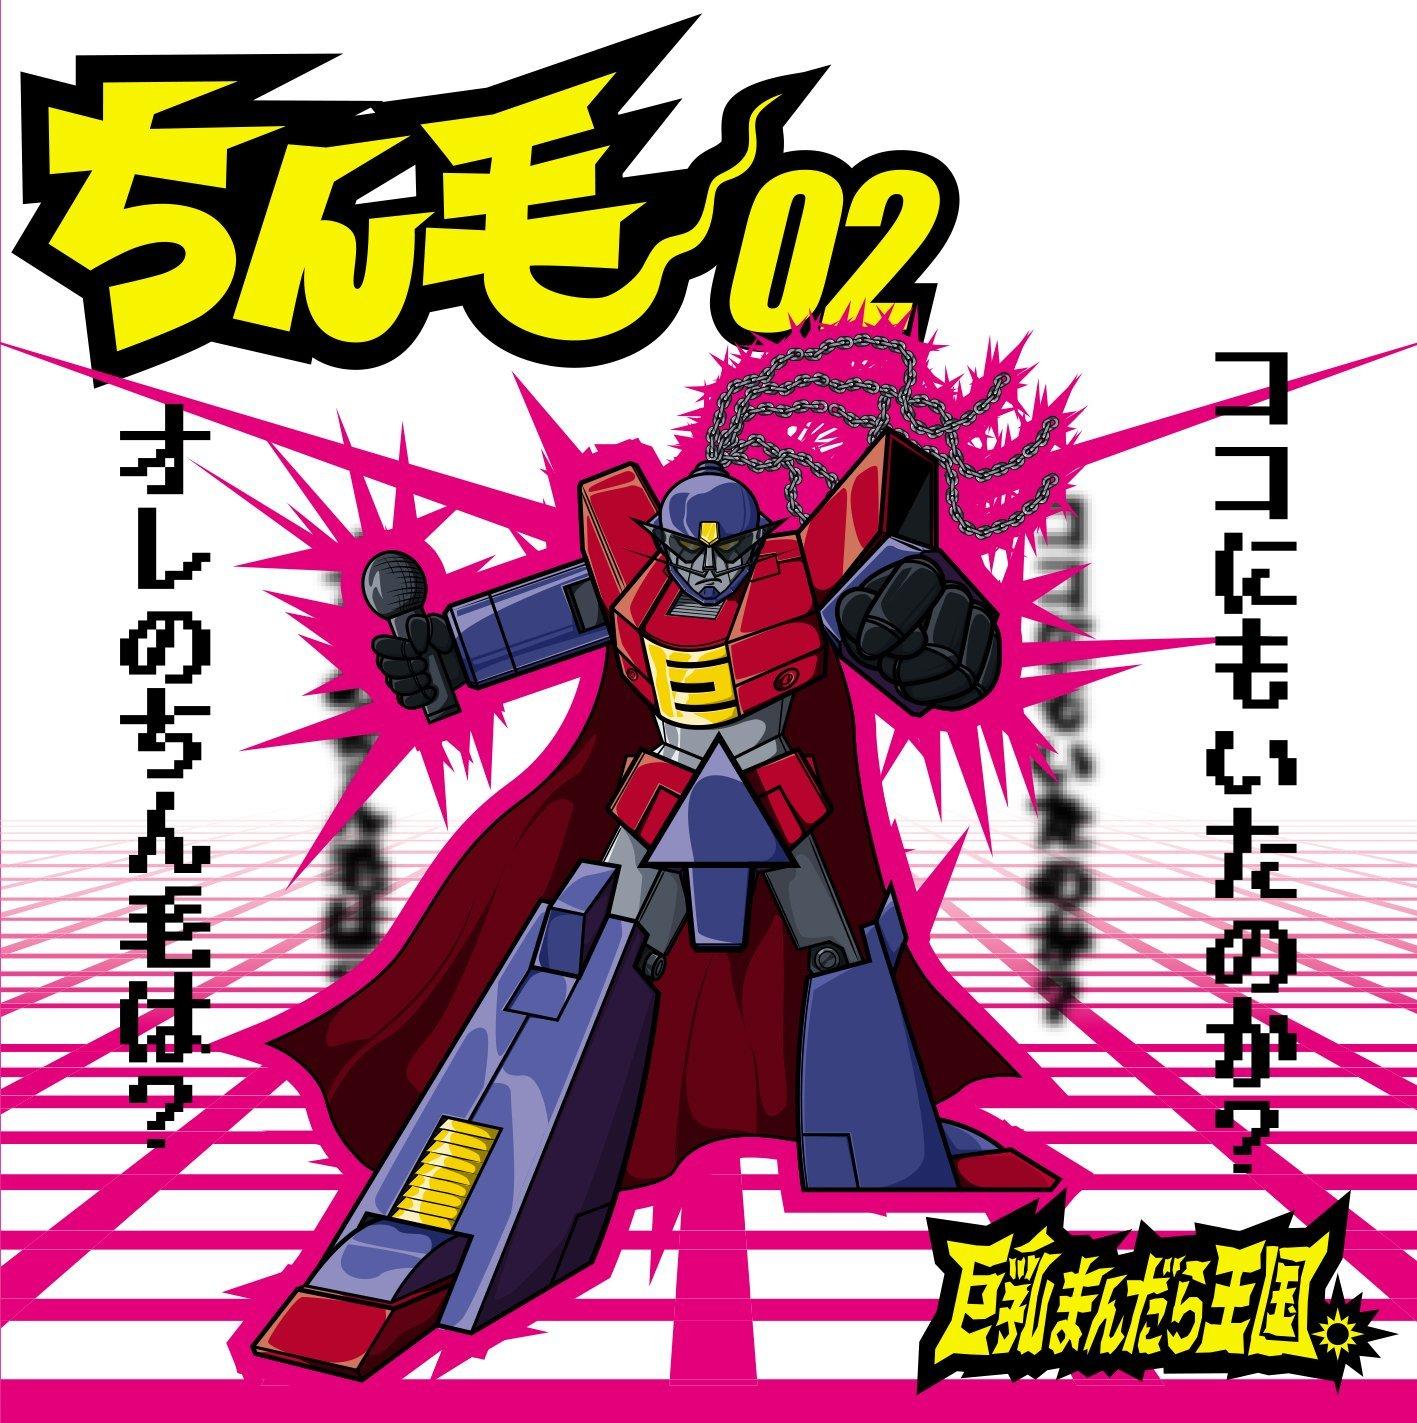 「ちん毛02」収録アルバム『ちん毛02』/巨乳まんだら王国